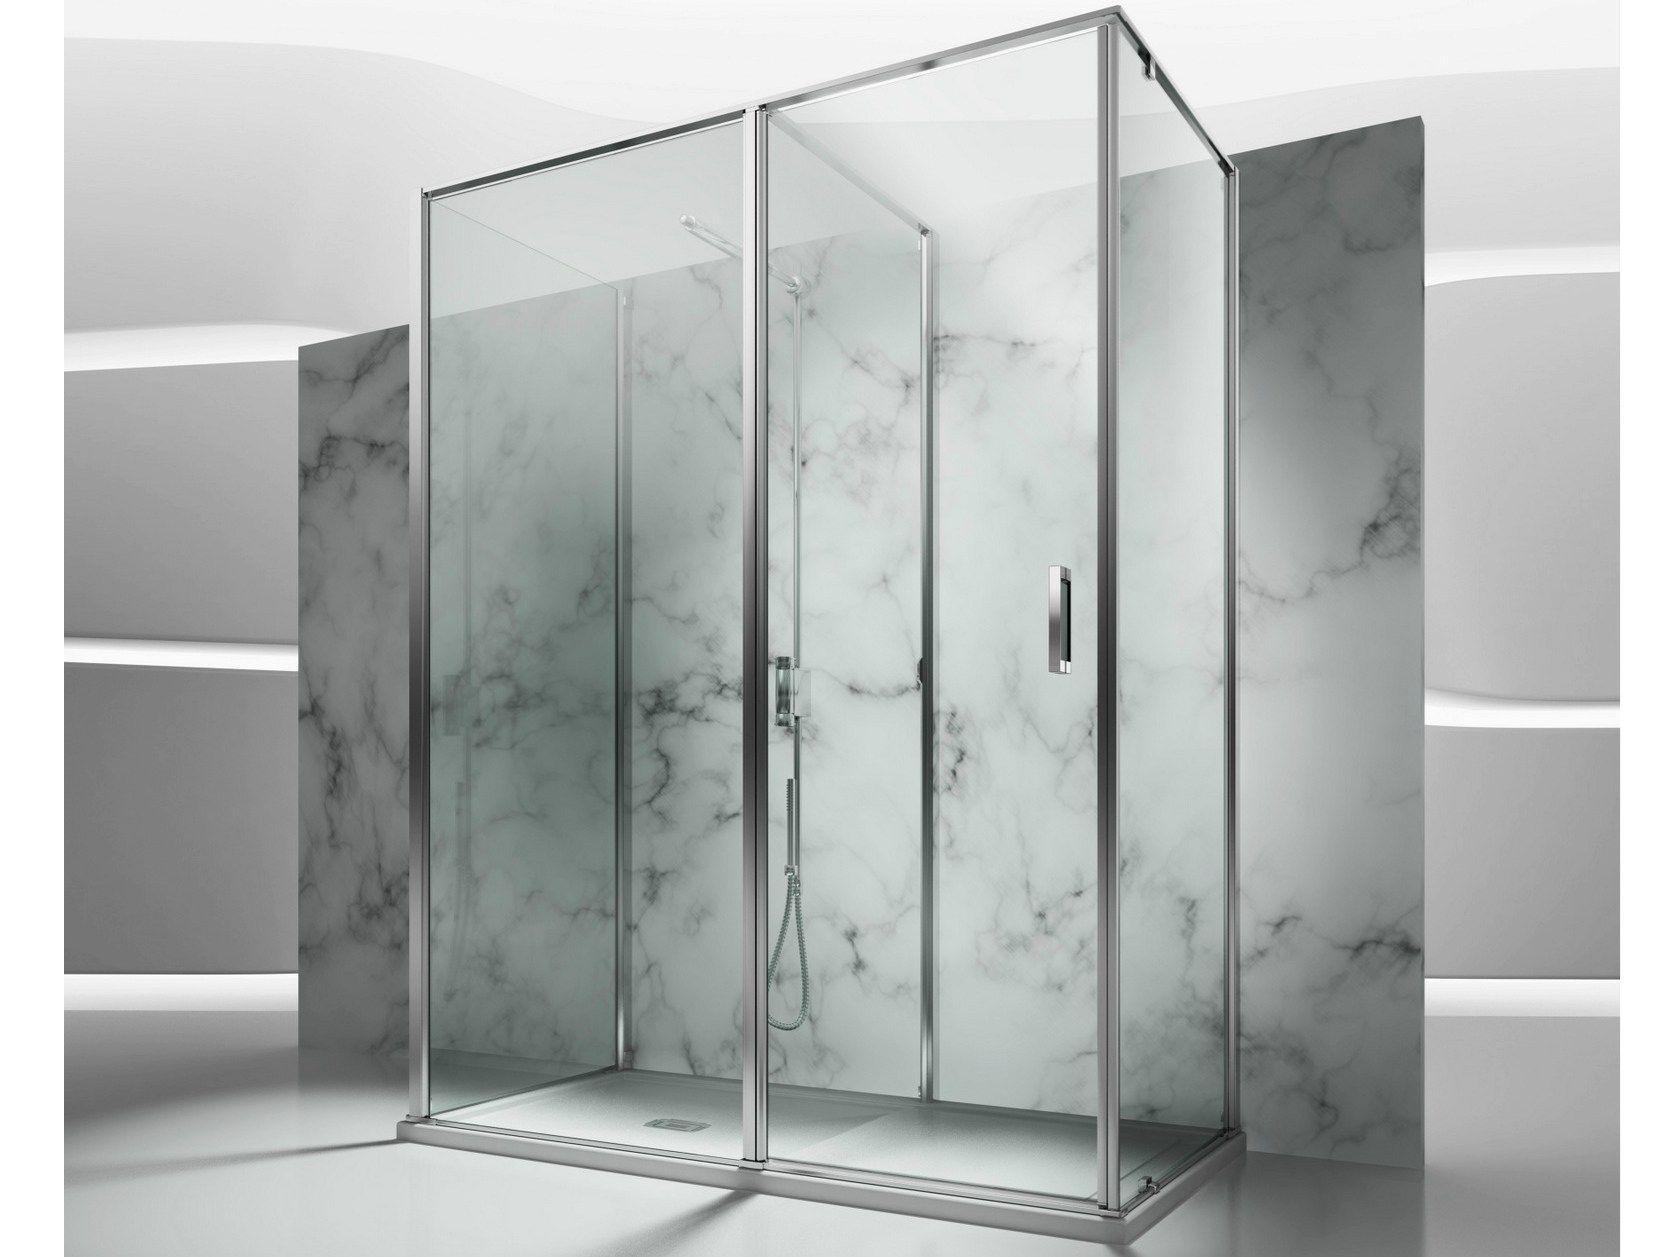 Box doccia su misura in vetro temperato in 3 by vismaravetro design fulvio de nitto centro - Box doccia su misura milano ...